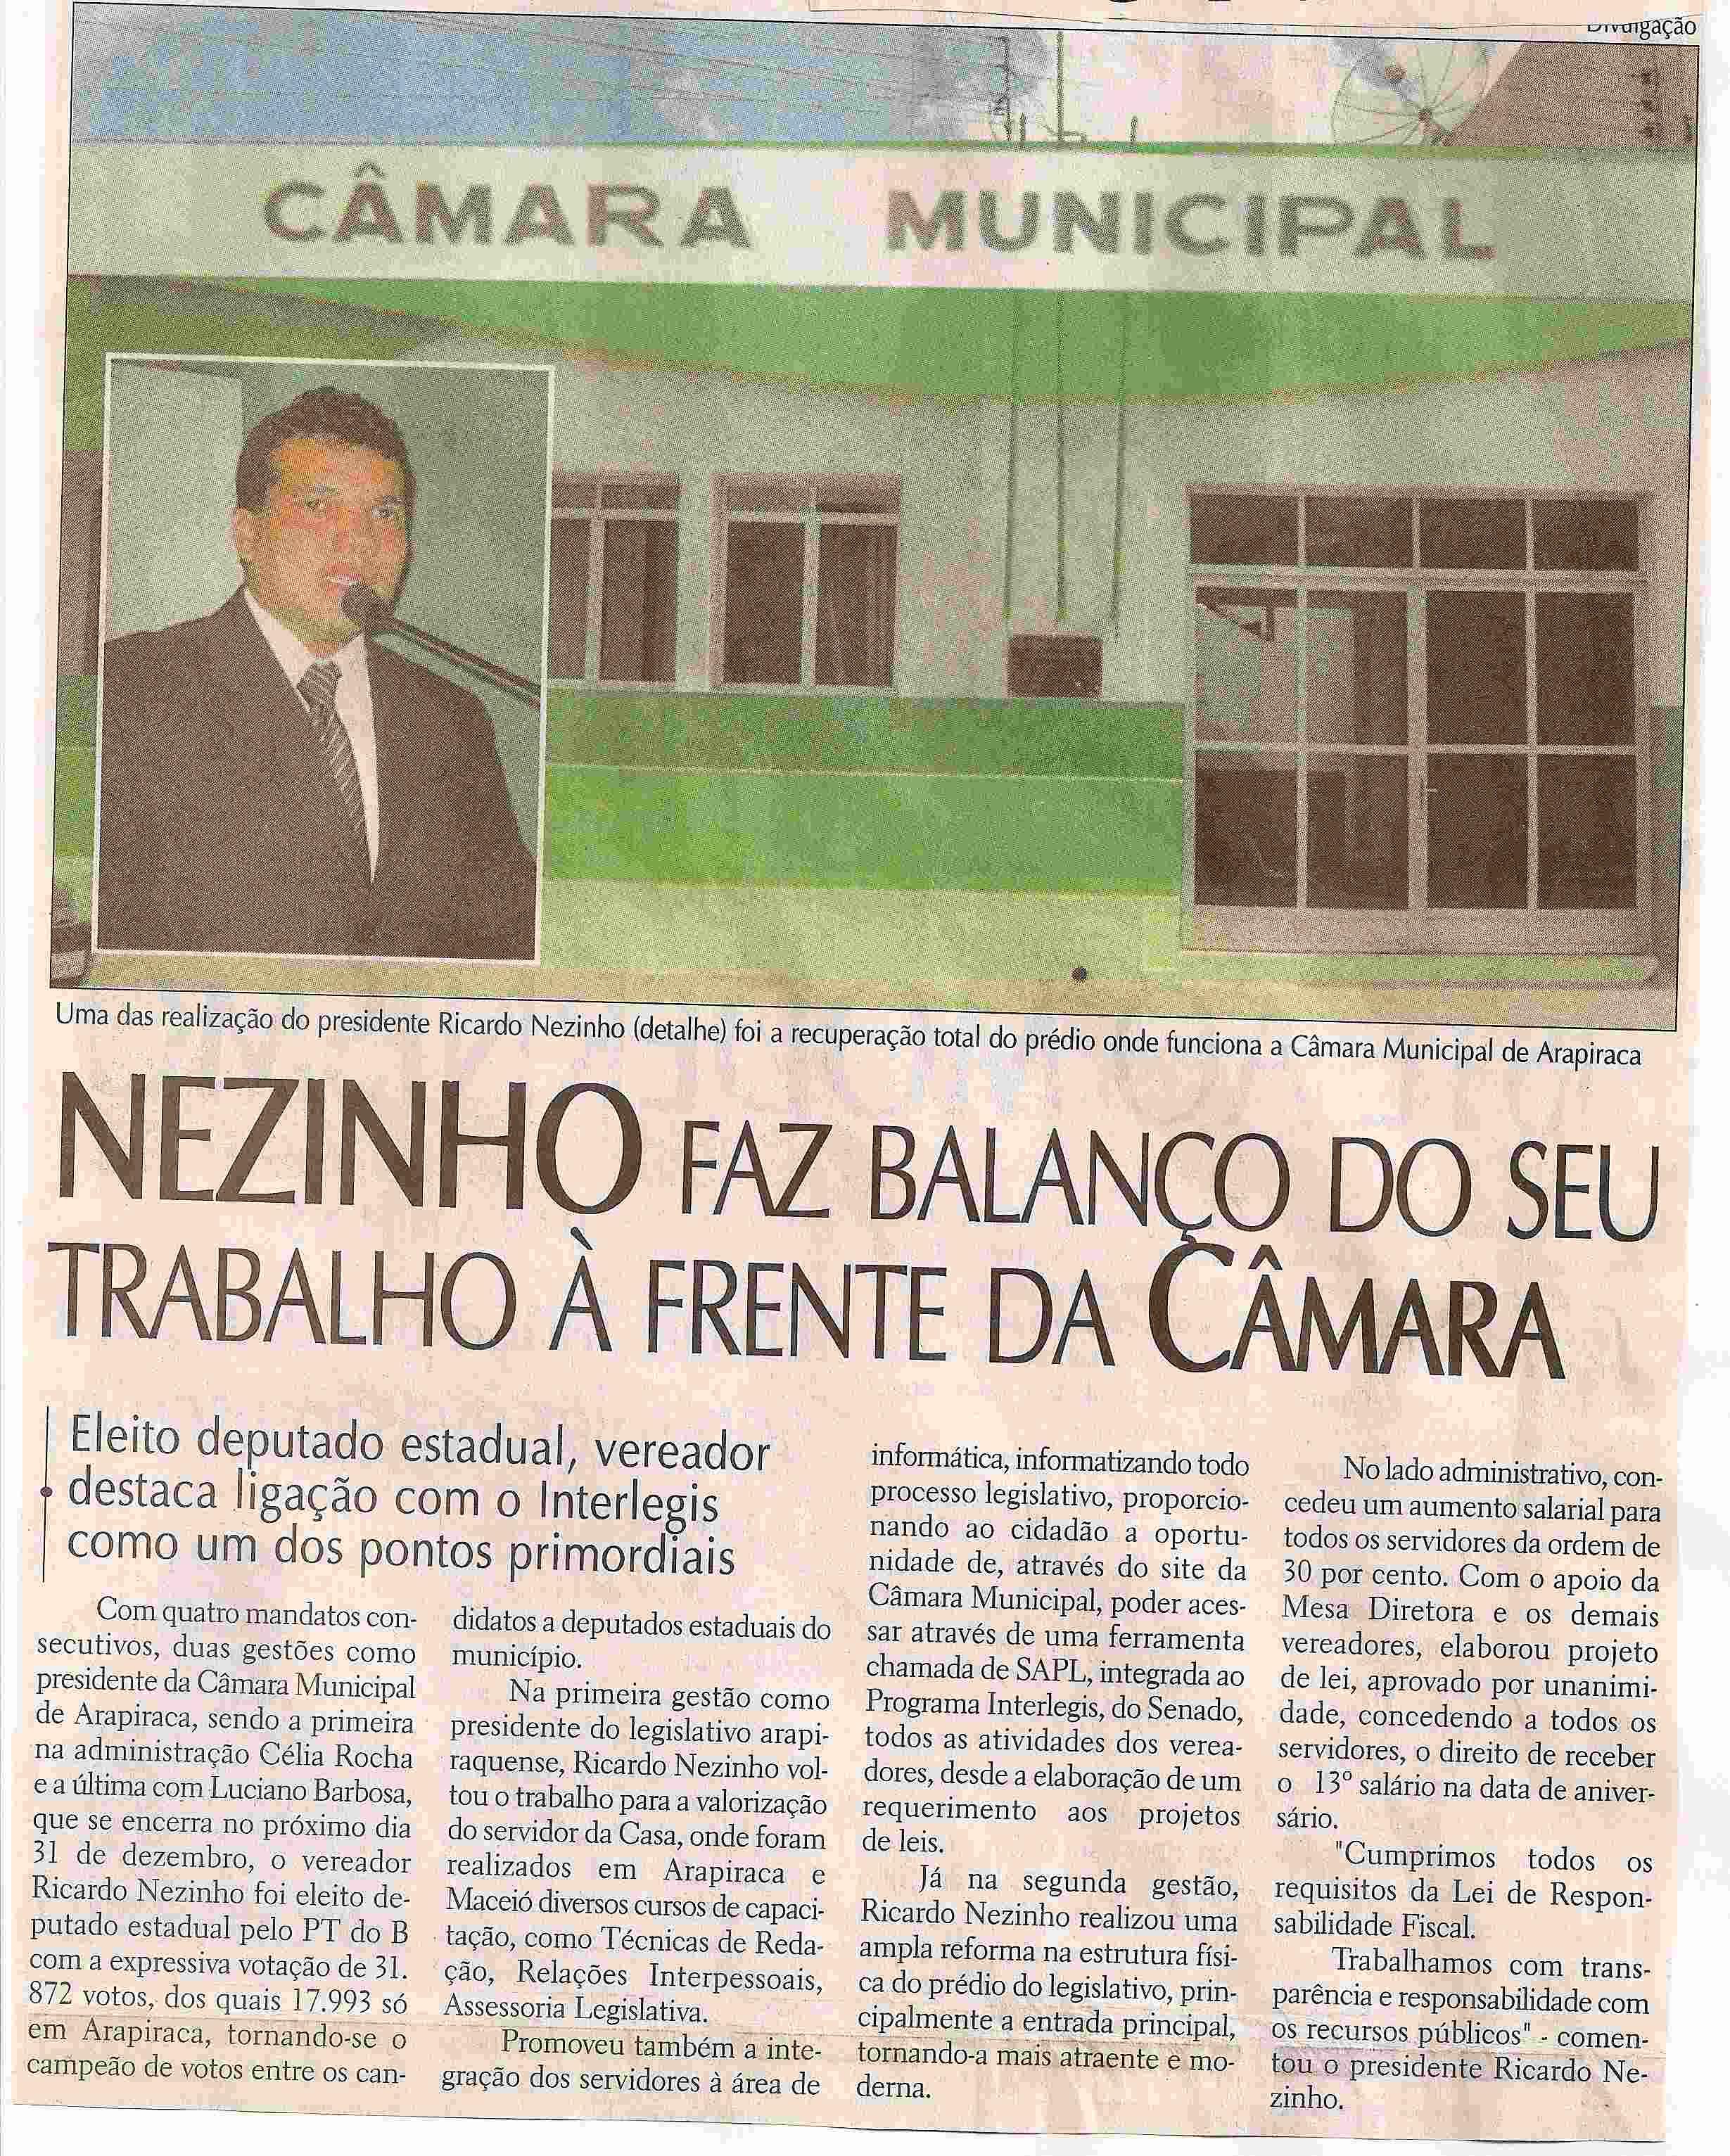 alagoas_em_tempo_06_12_11_2006